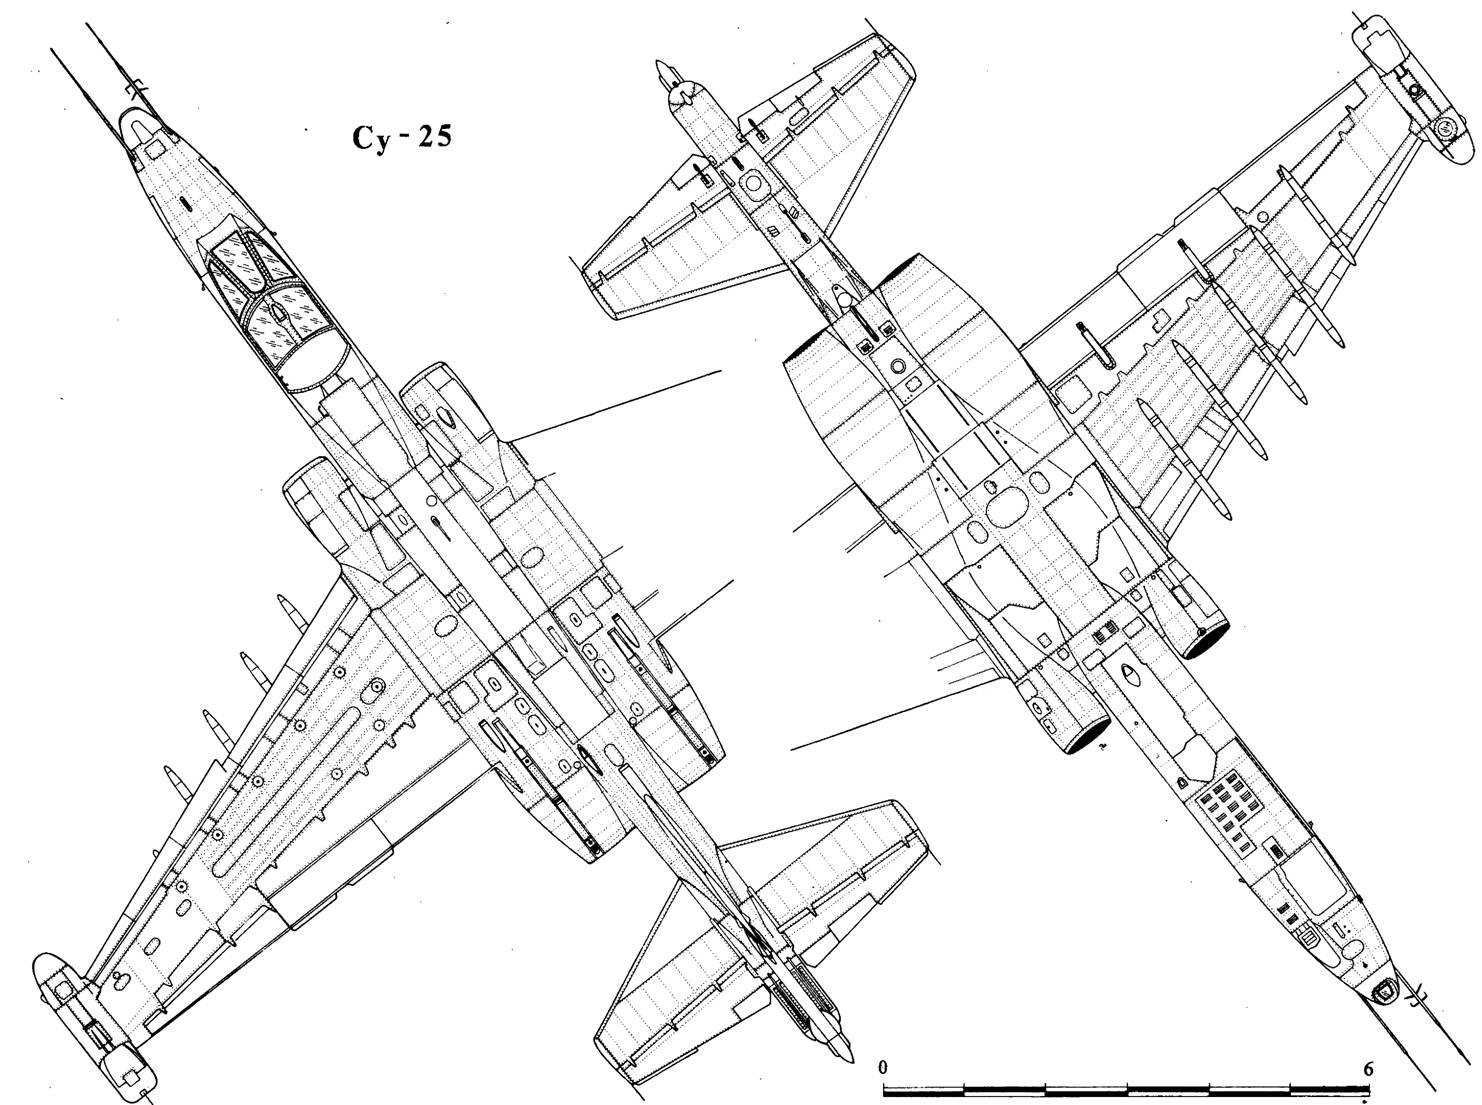 ...переговоров по ограничению обычных вооружений (октябрь 1990 г. европейской части СССР находилось : самолетов Су-25.